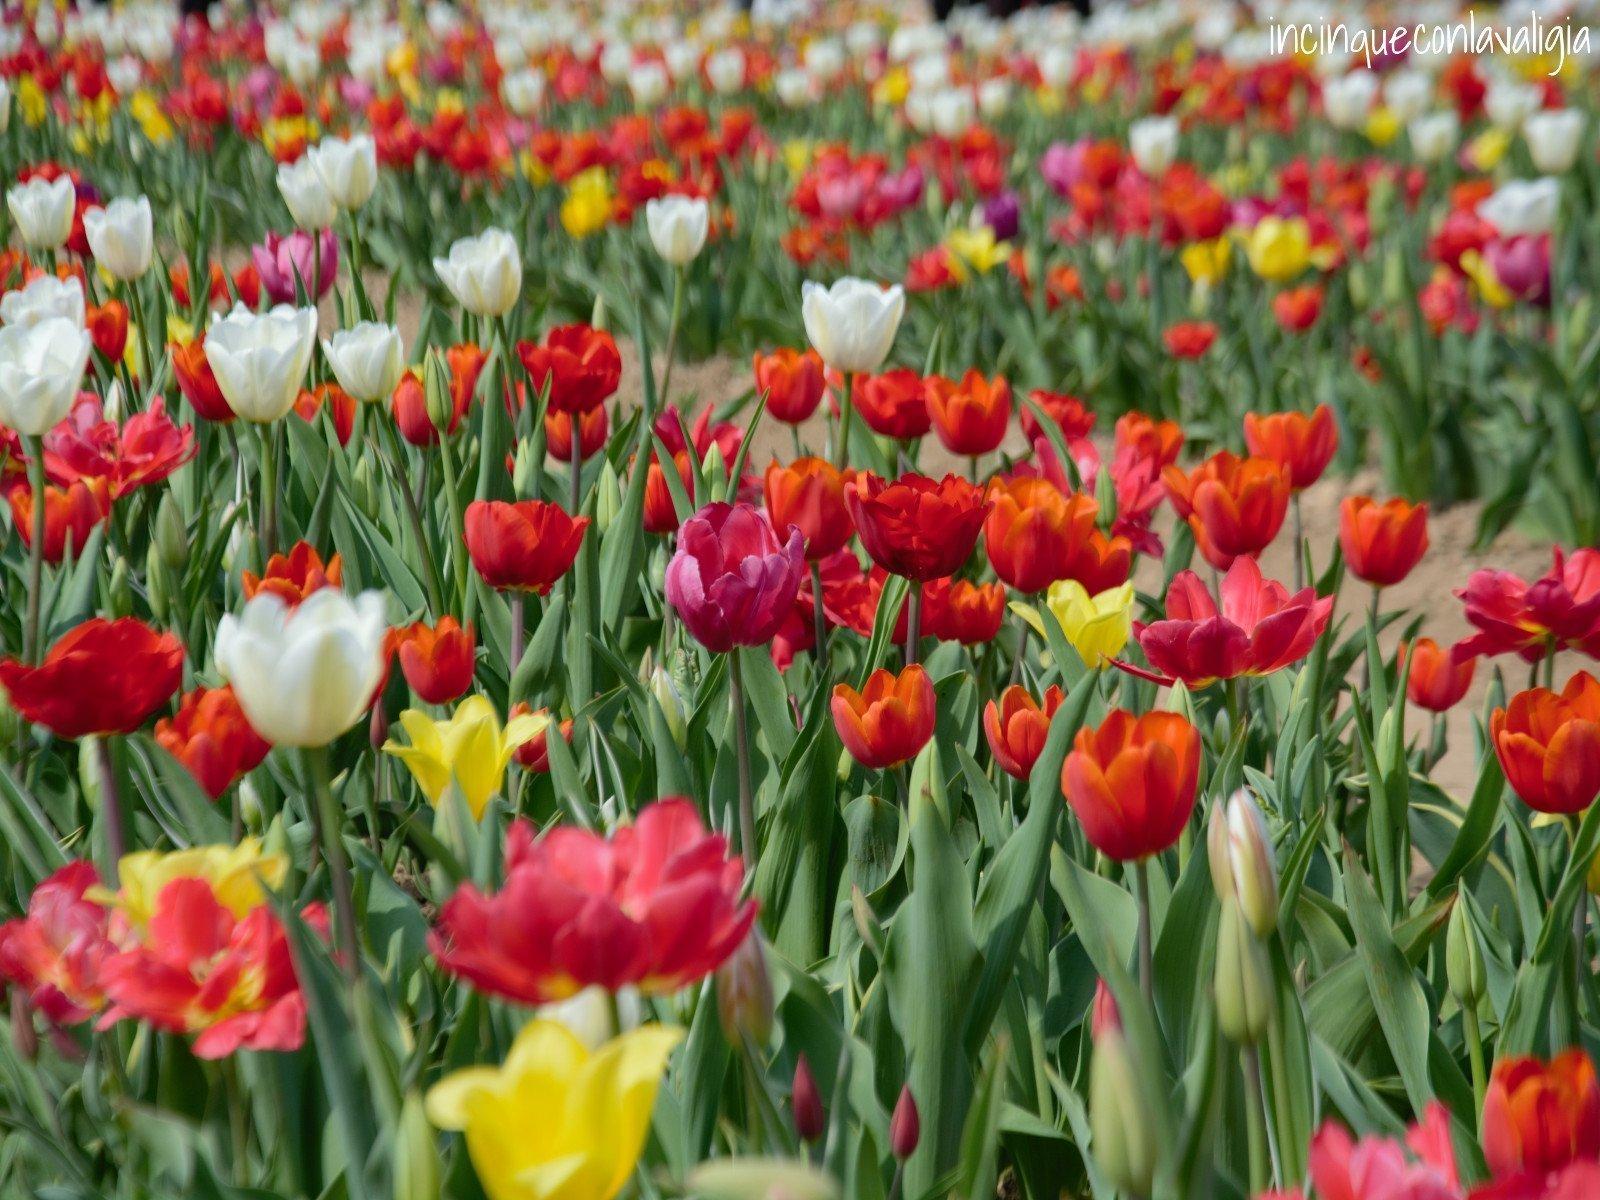 Tulipani in lombardia un pezzo di olanda dietro casa for Tulipani italiani